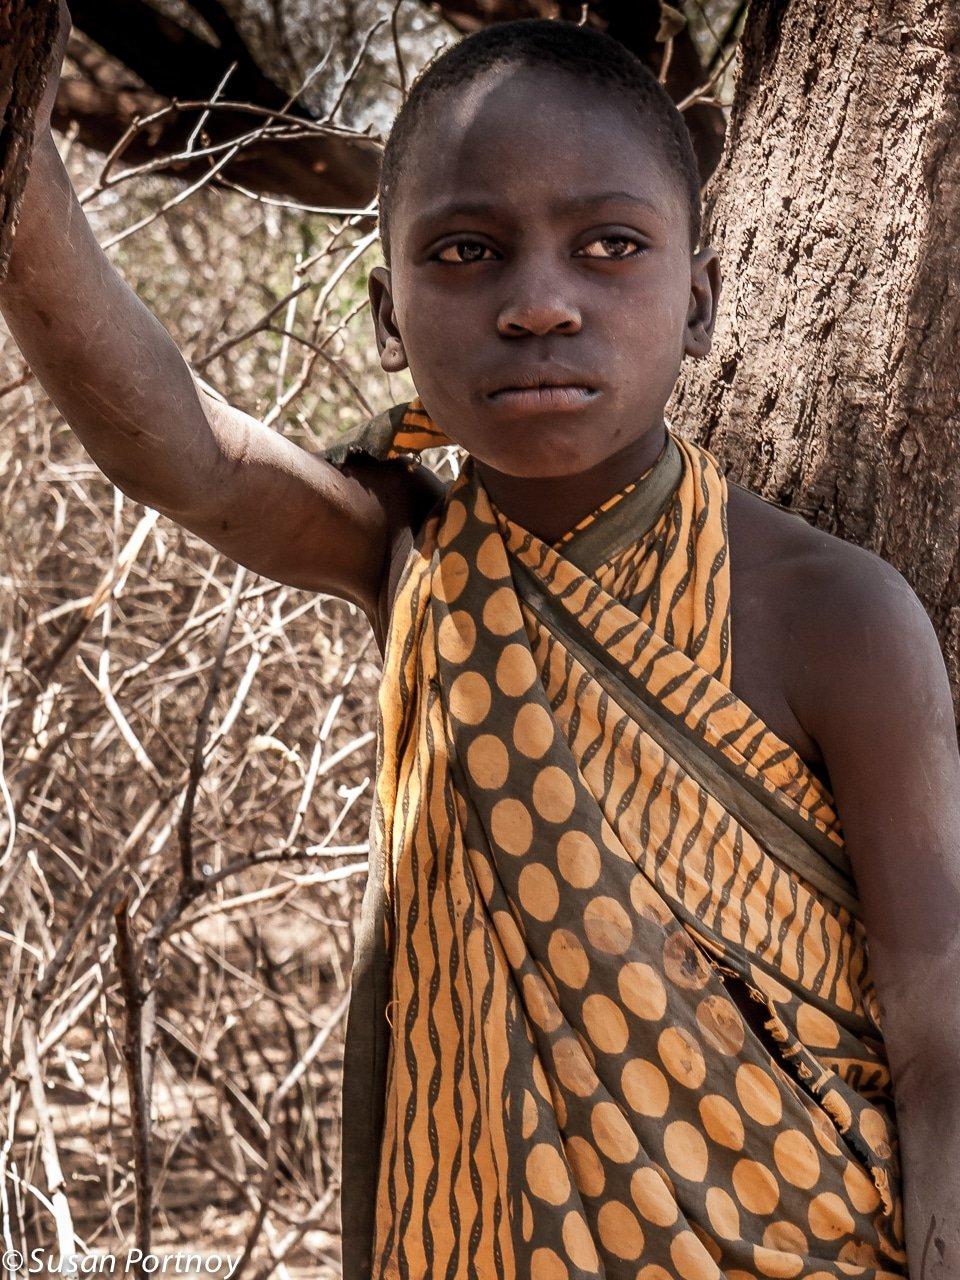 Young Hadzabe girl in Tanzania